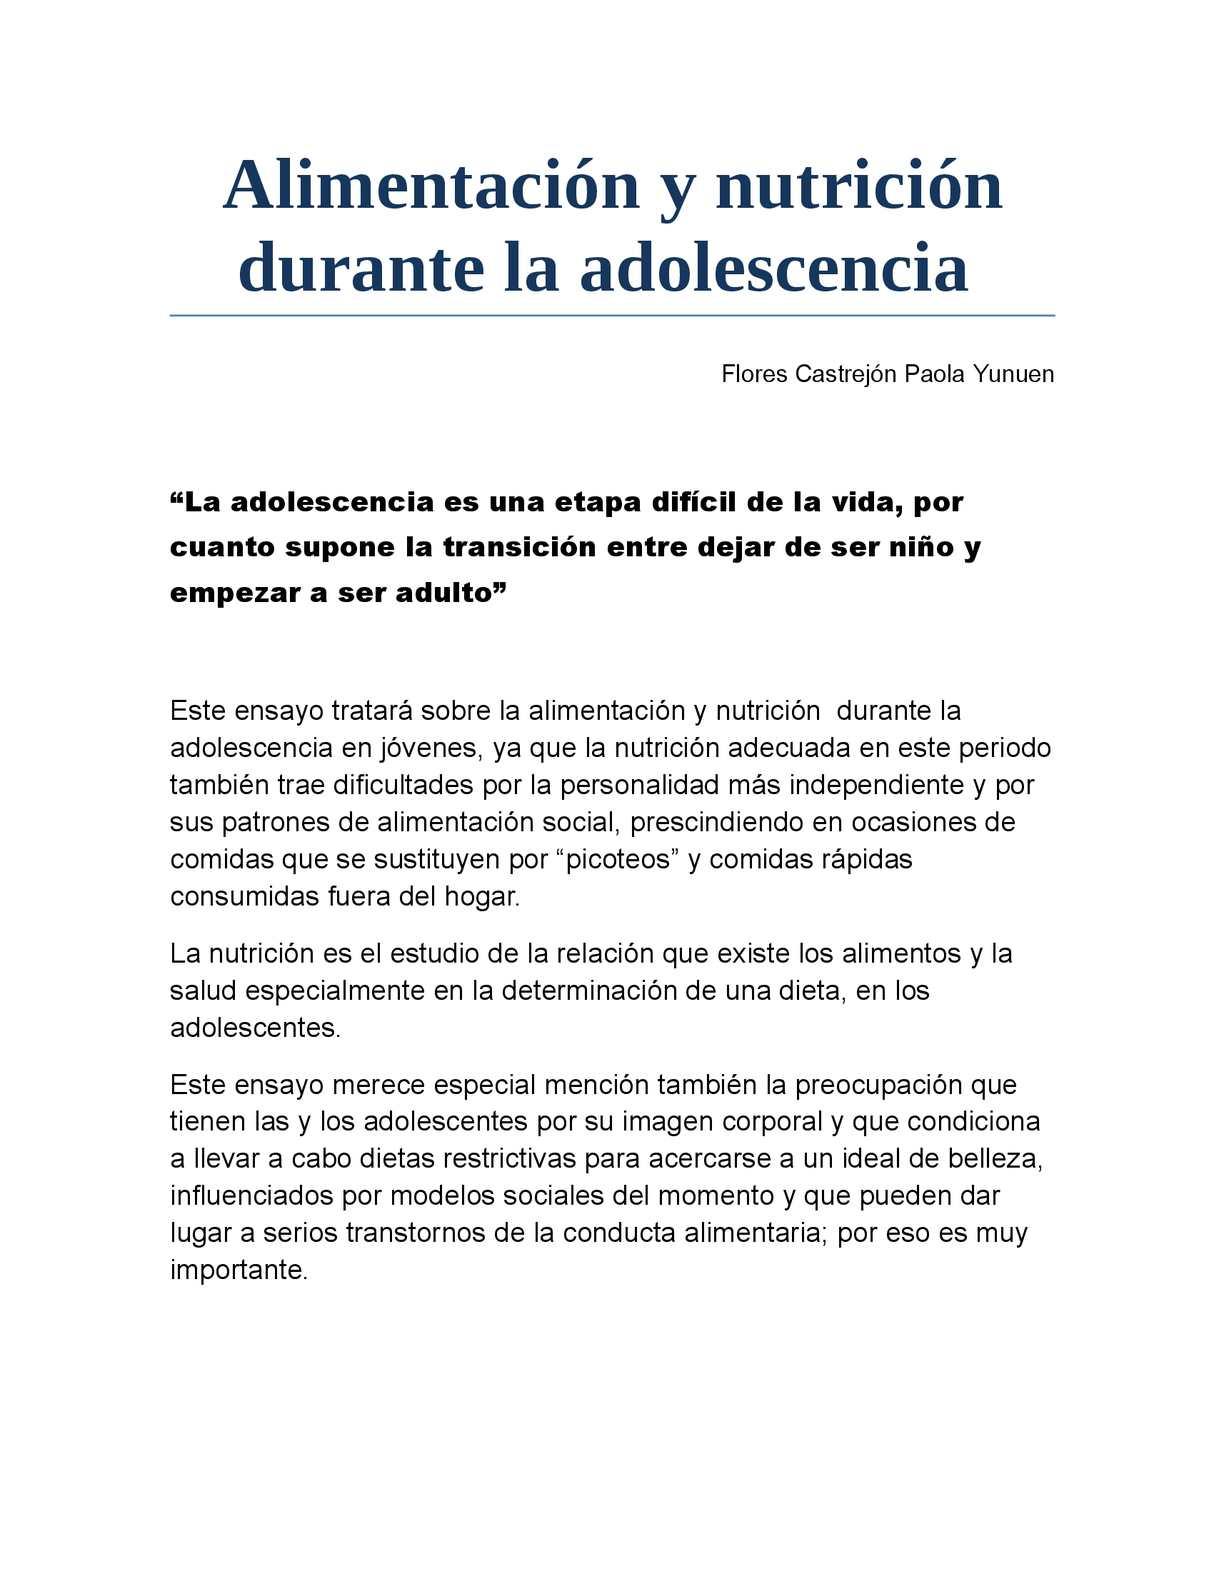 nutrición adecuada y adolescencia